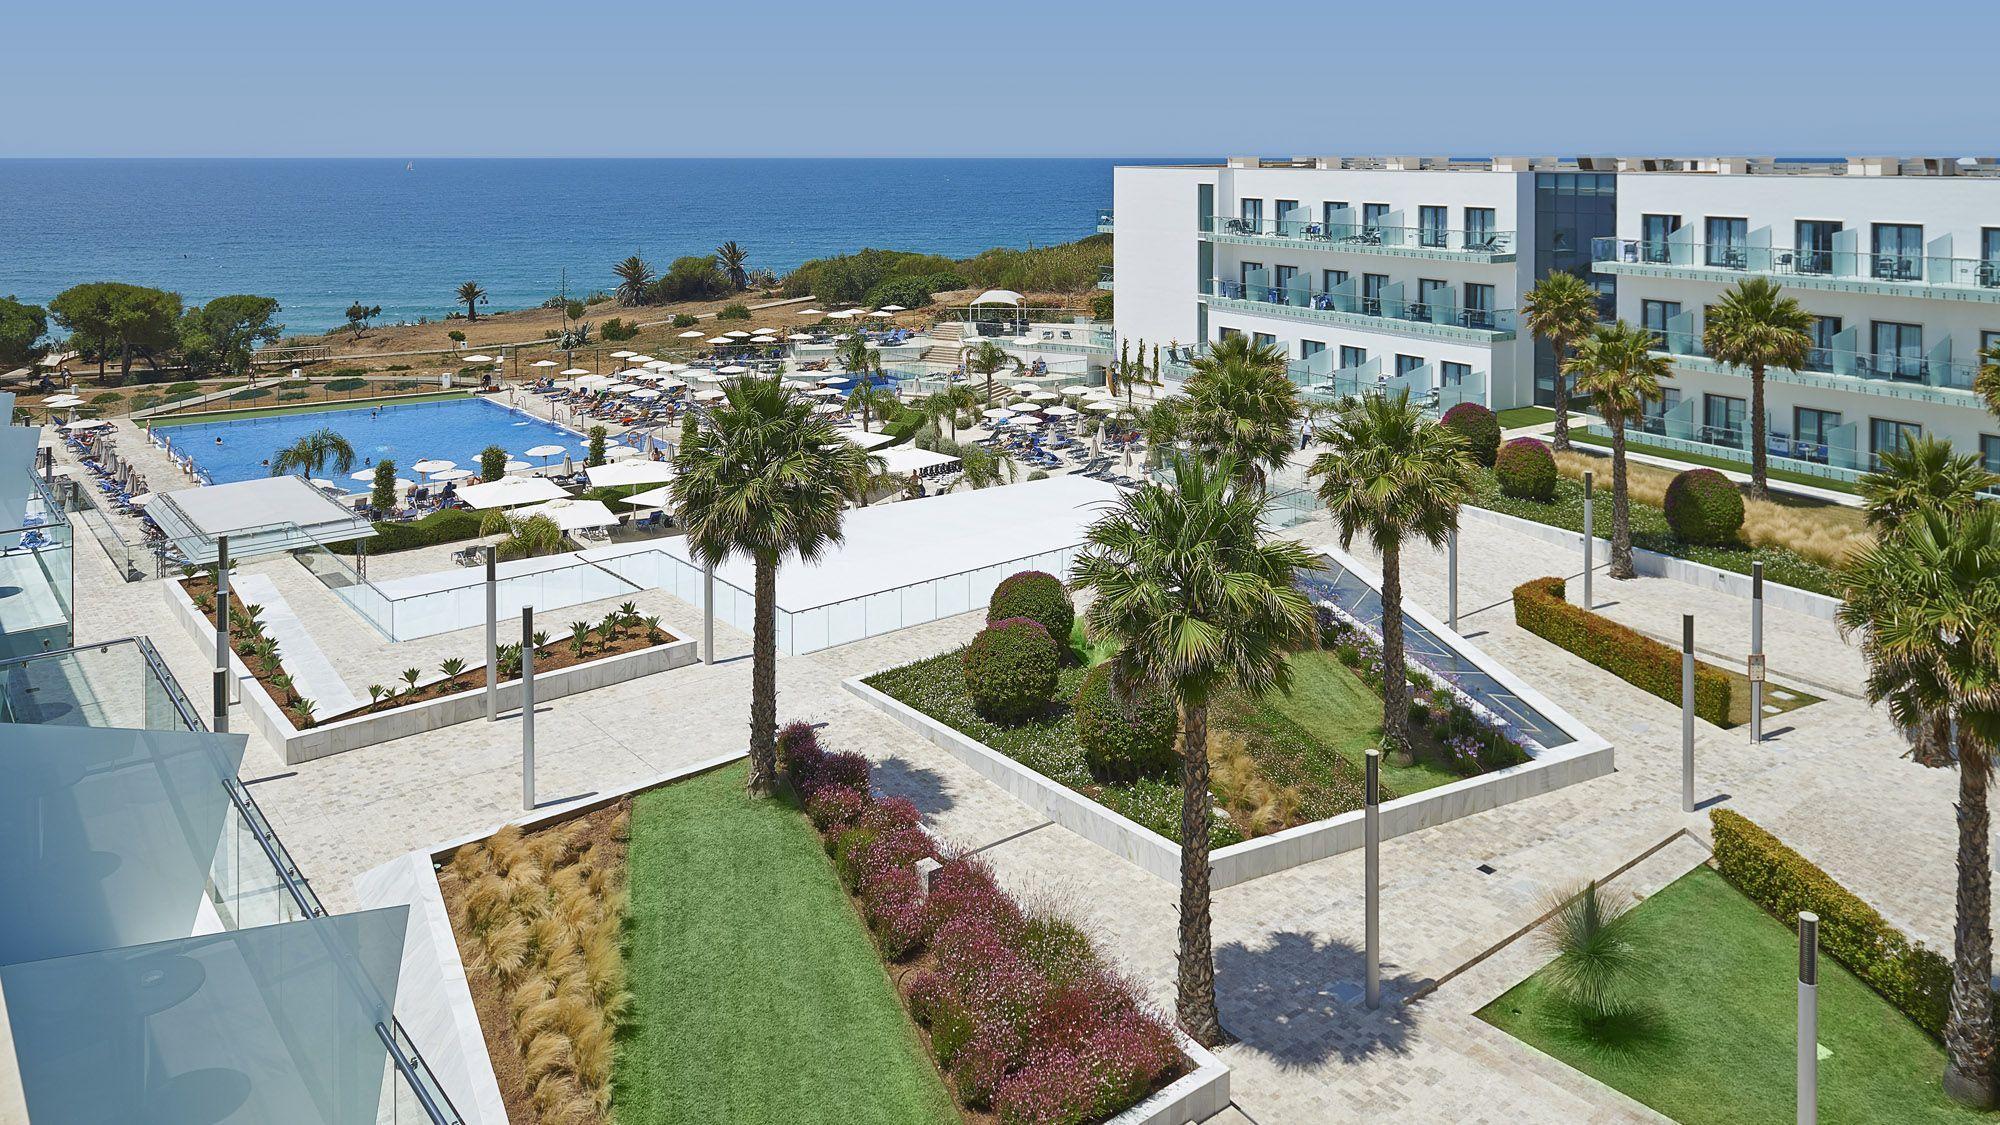 4 hoteles con piscina climatizada en Conil De La FronteraEspa a